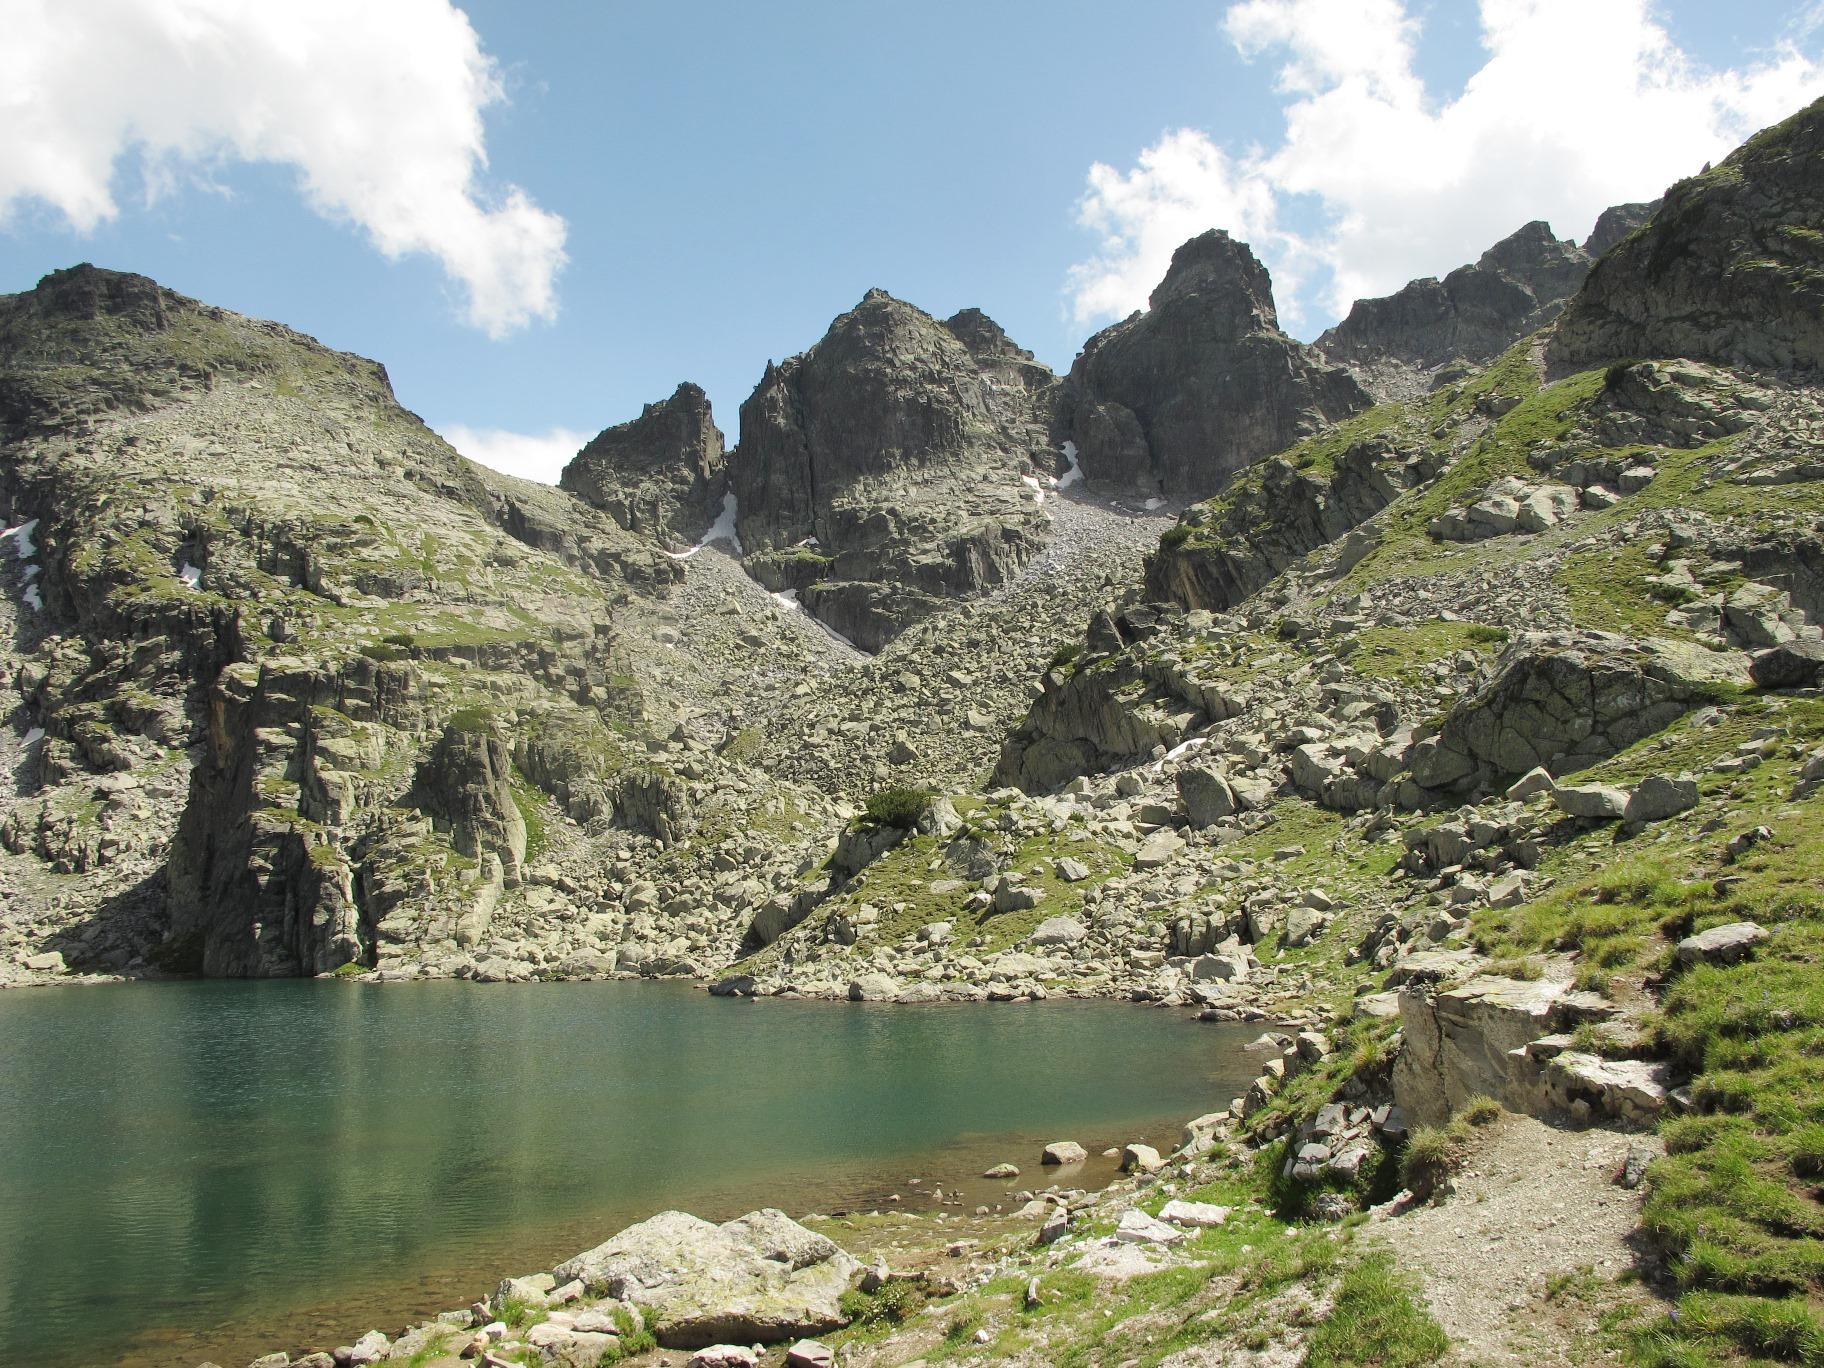 荒々しい岩稜が続くマリオヴィッツァの核心